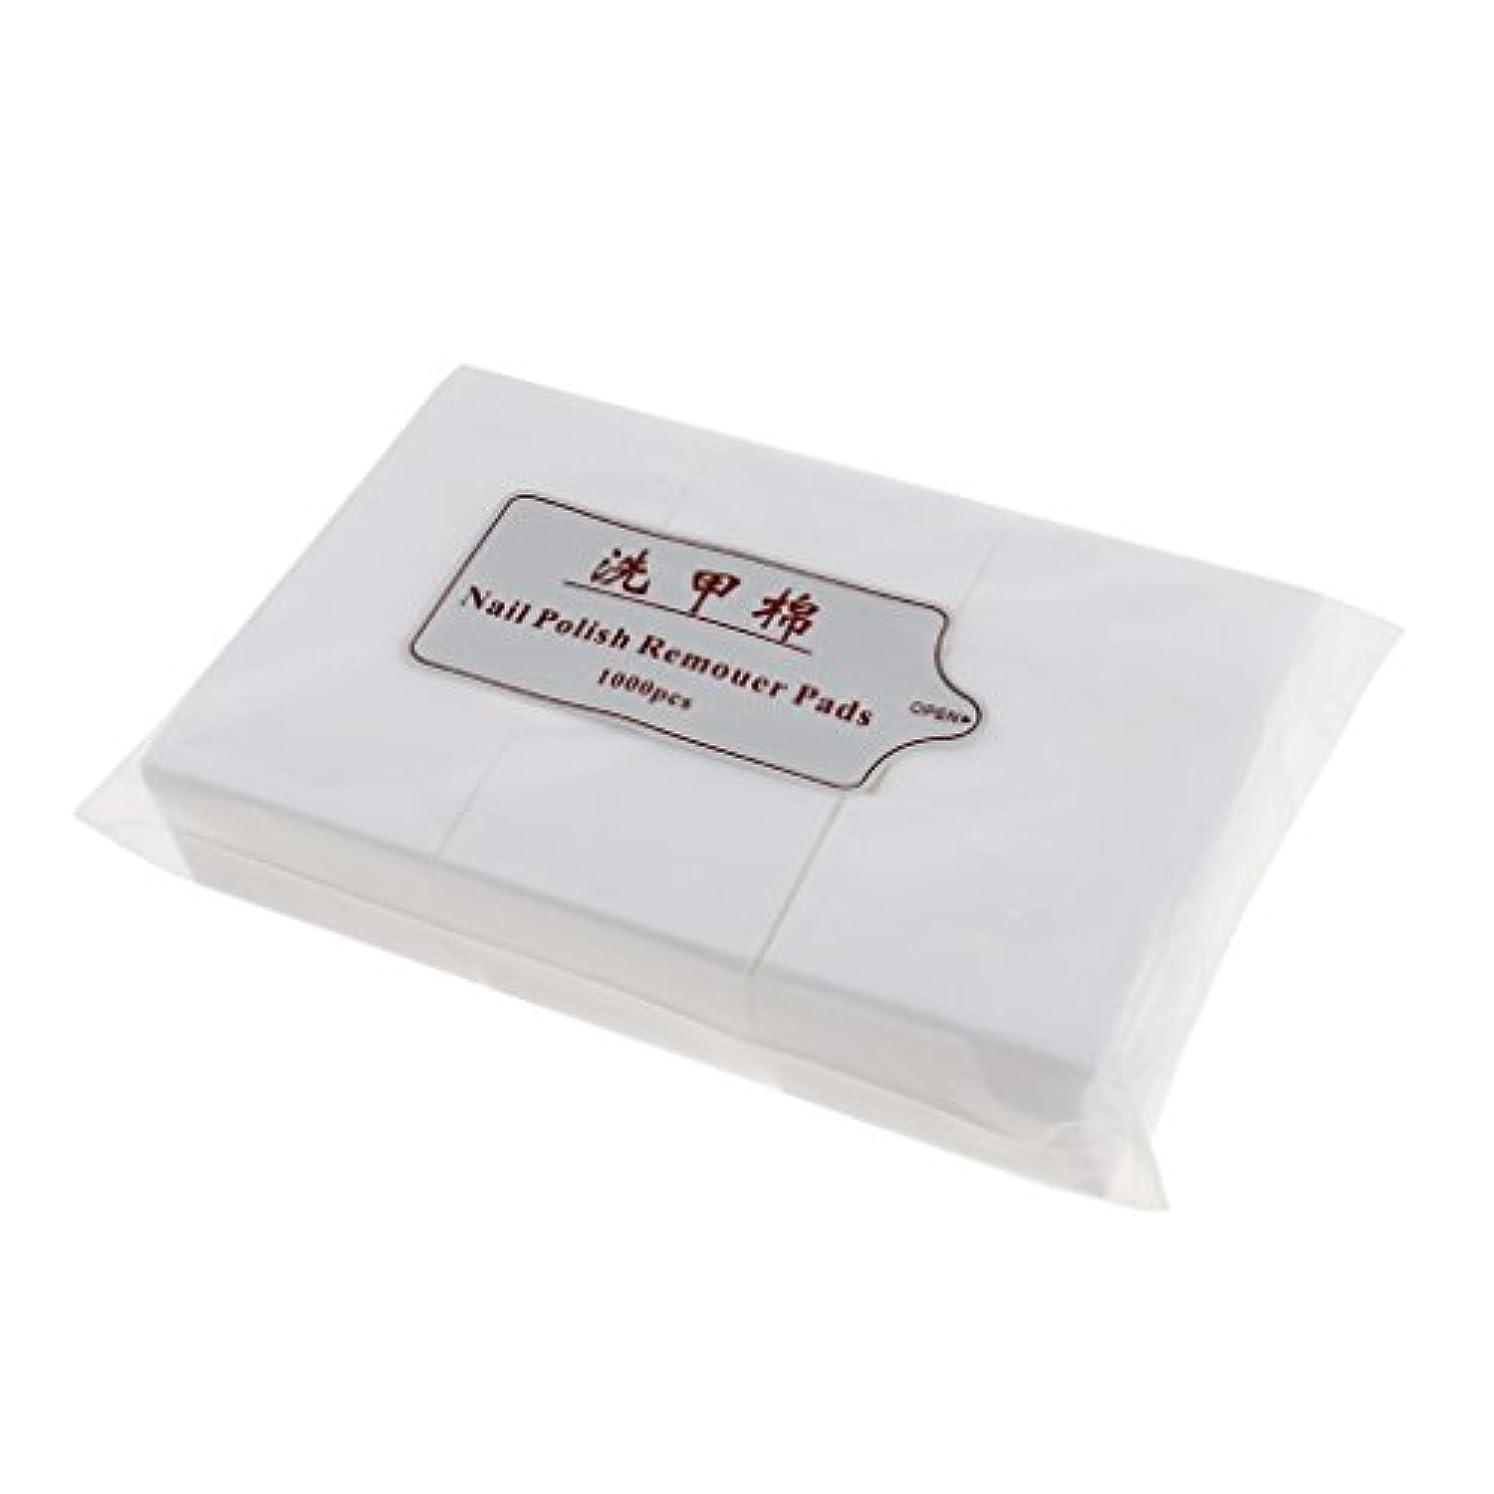 Perfk 約1000個 ネイルコットンパッド ネイルアートチップ パッド紙 マニキュア 吸水性 衛生的 ネイルサロン